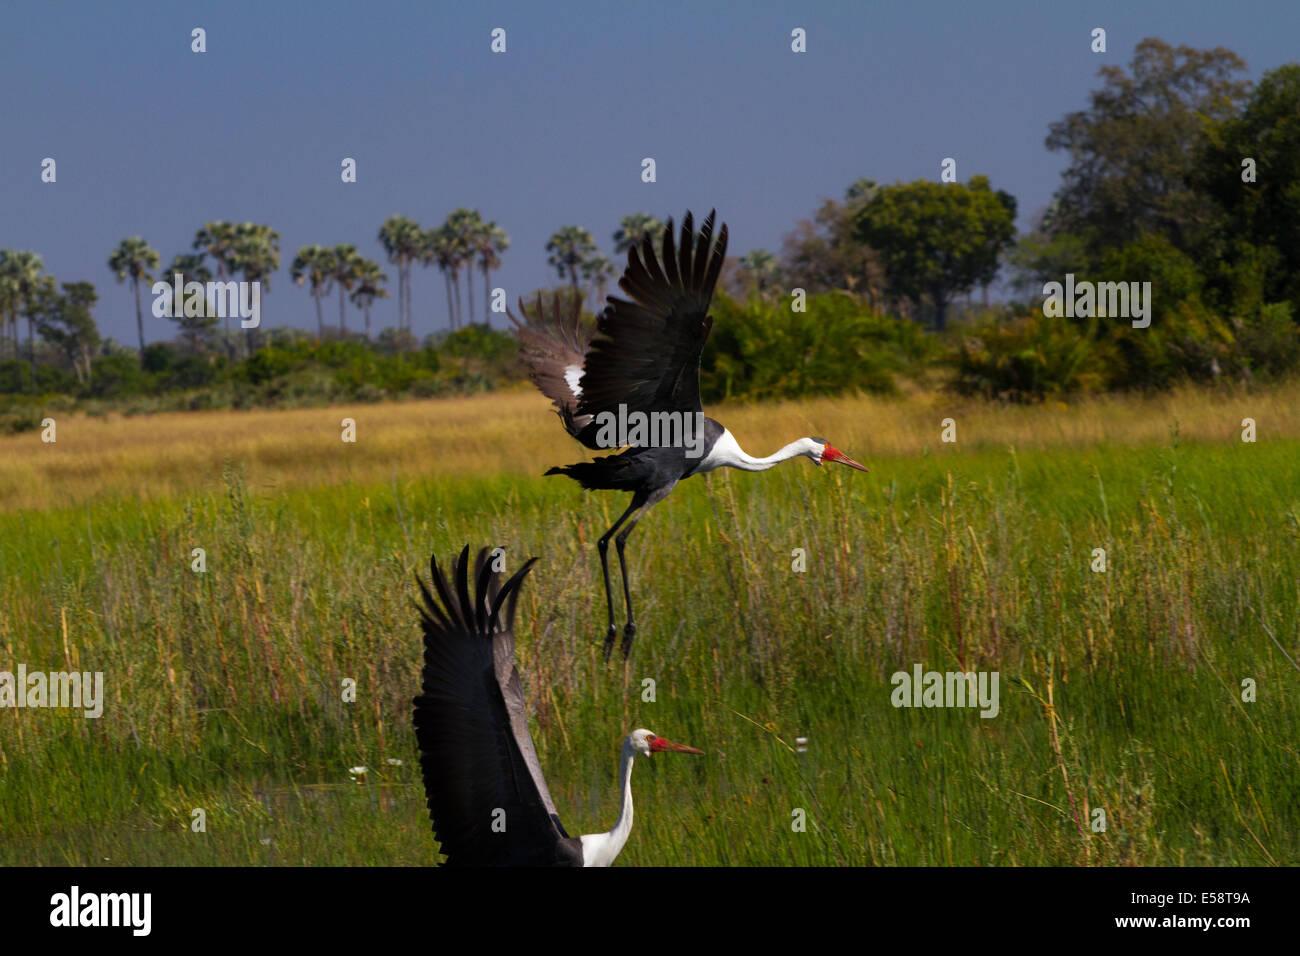 Wattled Crane, Okavango Delta, Botswana - Stock Image